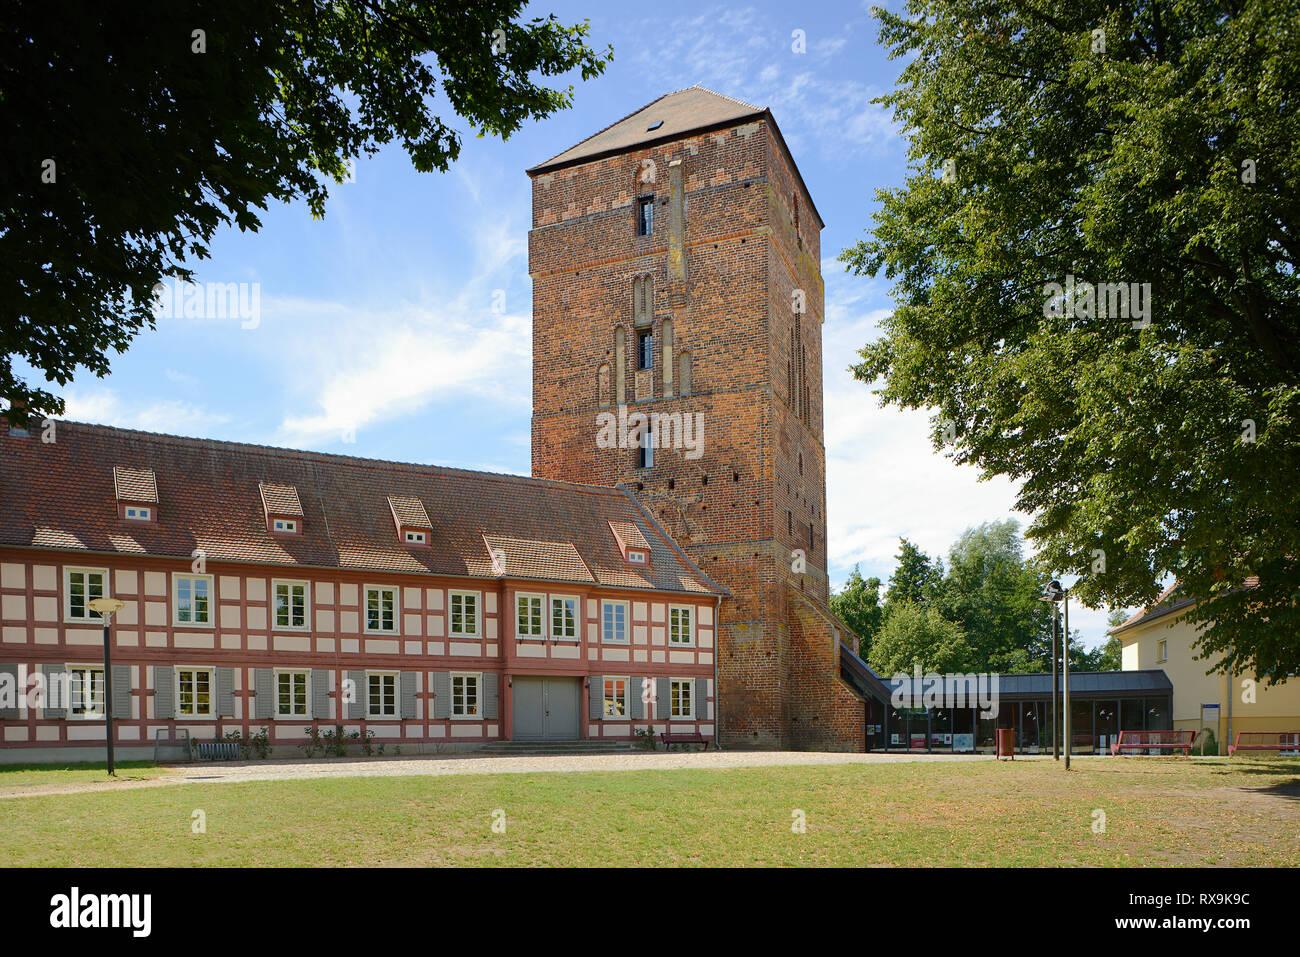 Amtsturm, Alte Bischofsburg, Museum of Thirty Years War, Dreißigjähriger Krieg, Ostprignitzmuseum, Wittstock an der Dosse, Brandenburg, Deutschland - Stock Image